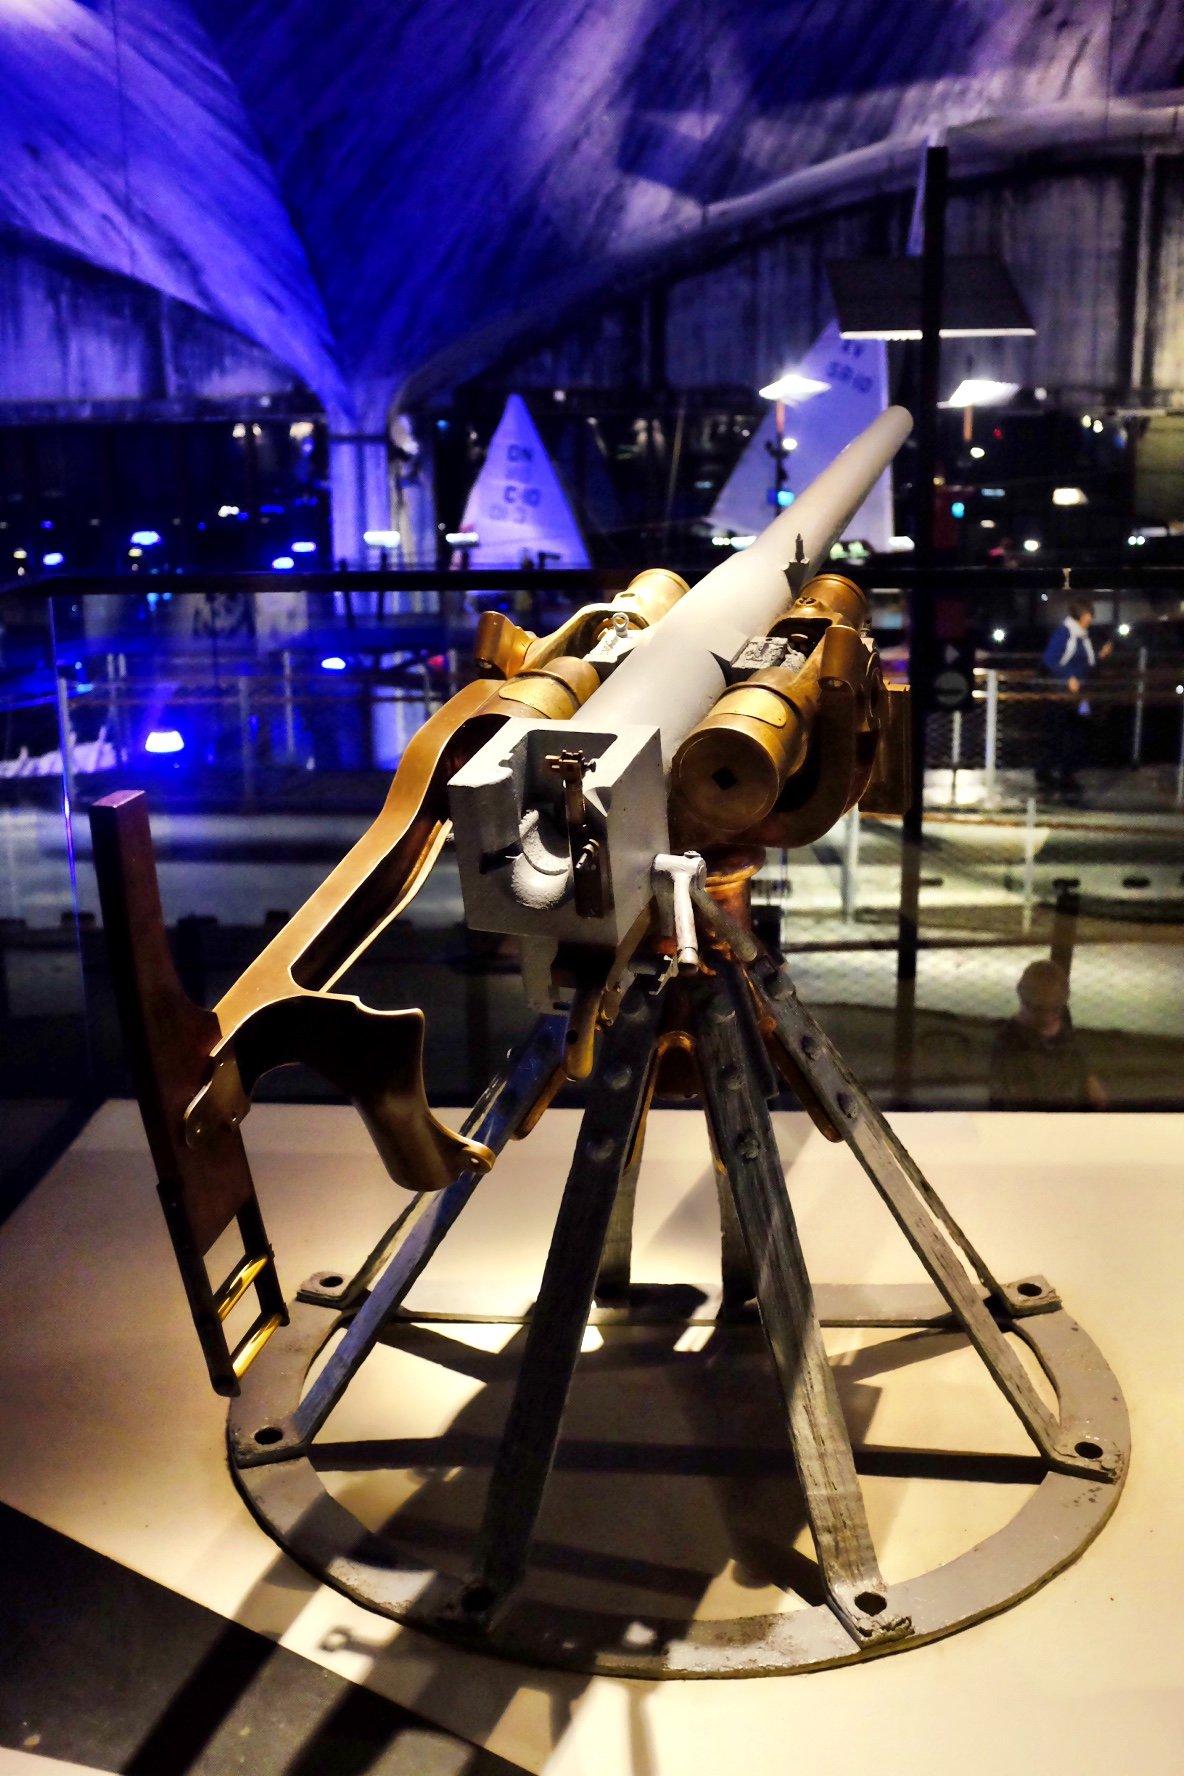 Anti aircraft gun at the Seaplane Museum in Tallinn